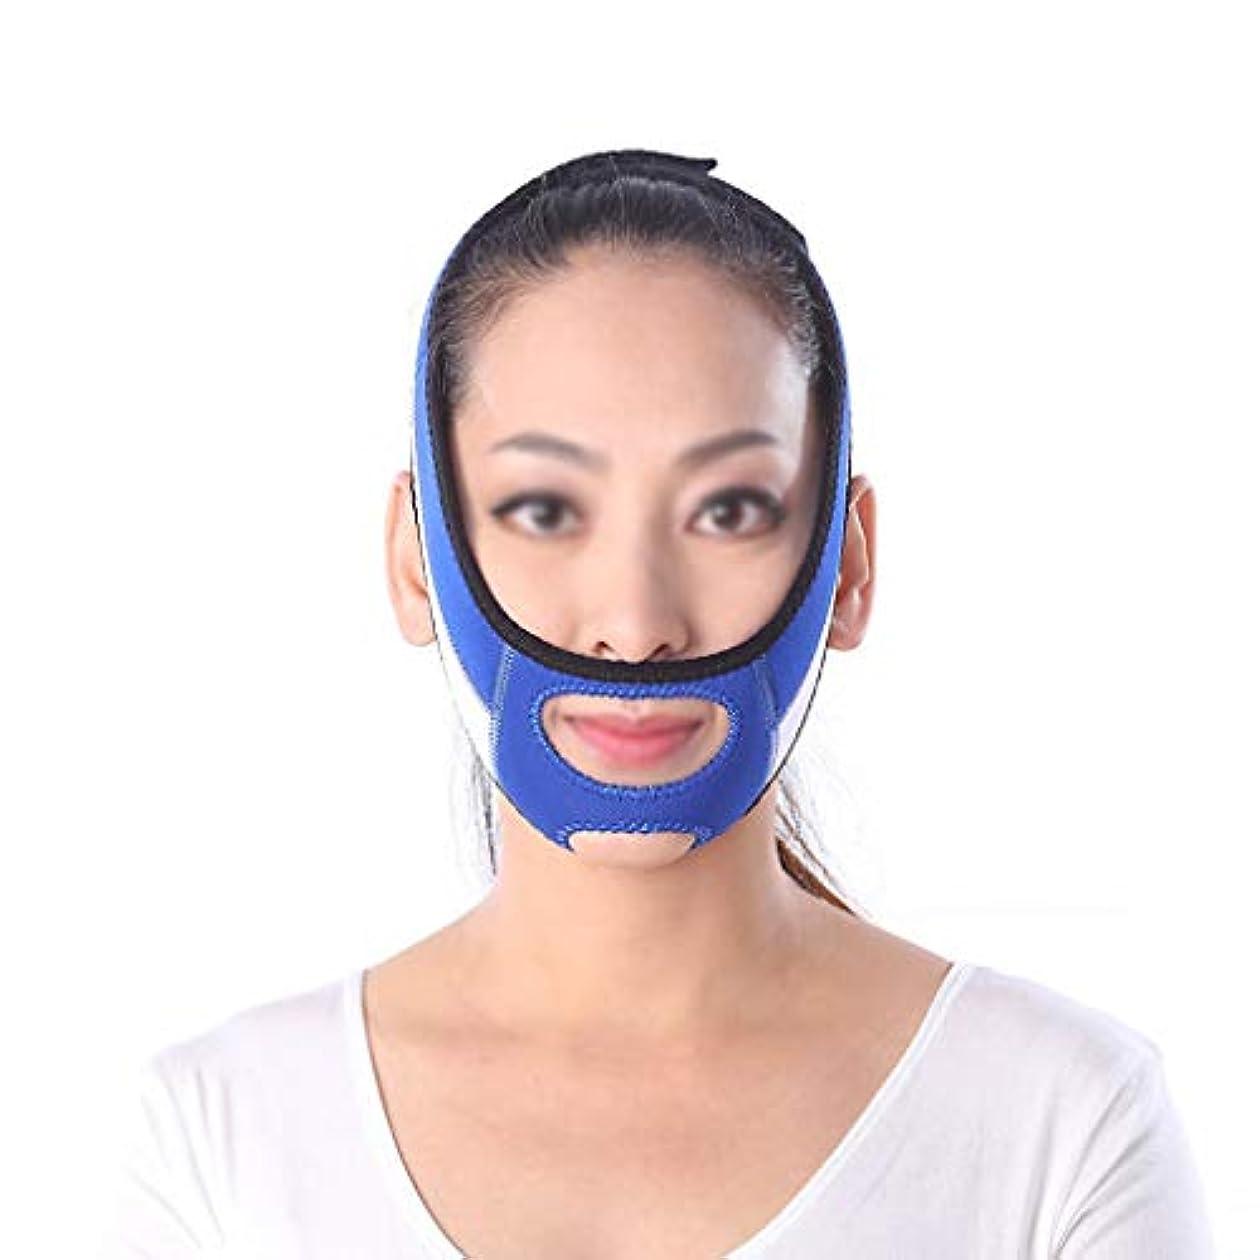 サイクロプスの面ではコンソールXHLMRMJ フェイスリフティング包帯、フェイスリフティングマスク、フェイスリフティング器具、二重あごケア減量、フェイシャルリフティングストラップ(フリーサイズ、ブルー)